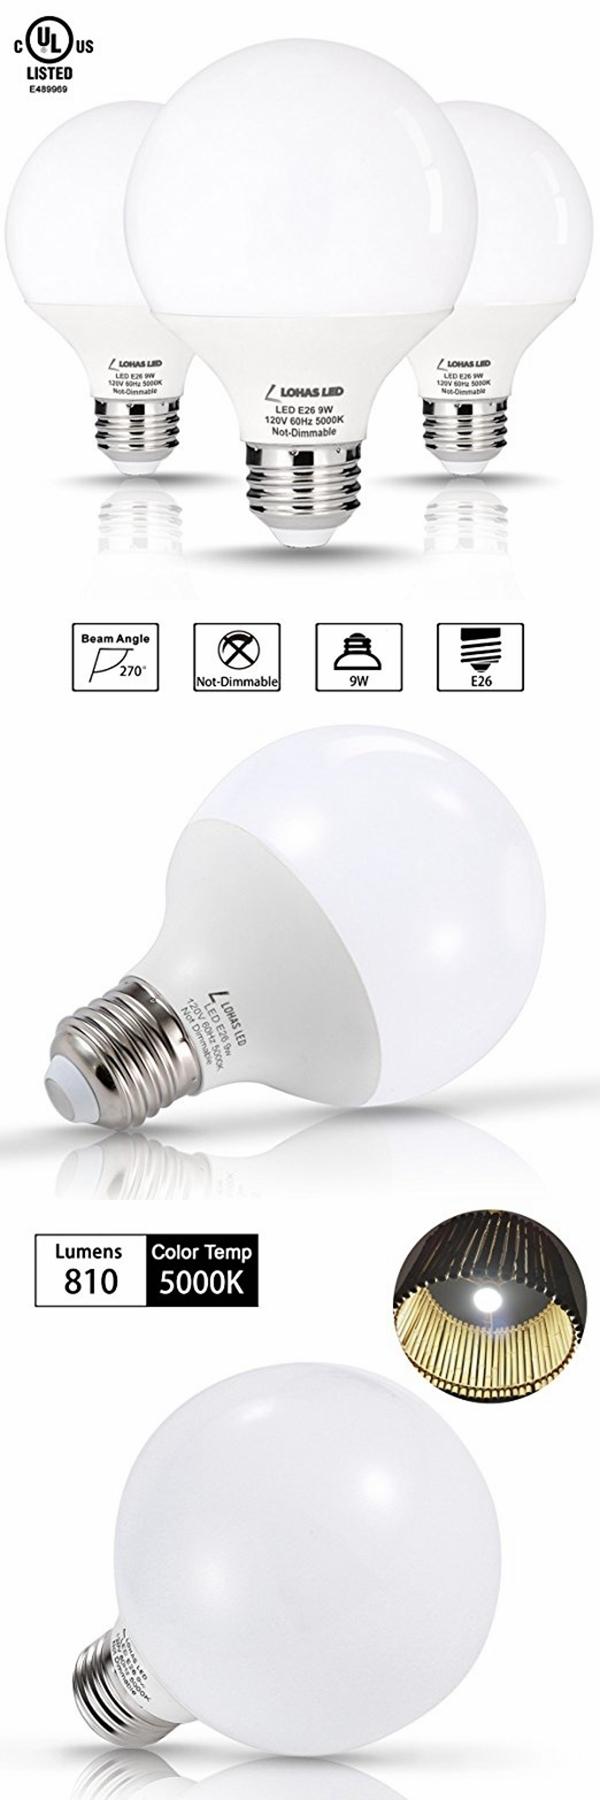 Non-Dimmable 9W E26 LED Globe Bulb G25 LED Bulbs 60W Halogen Bulbs Equivalent Light Bulb with UL Listed